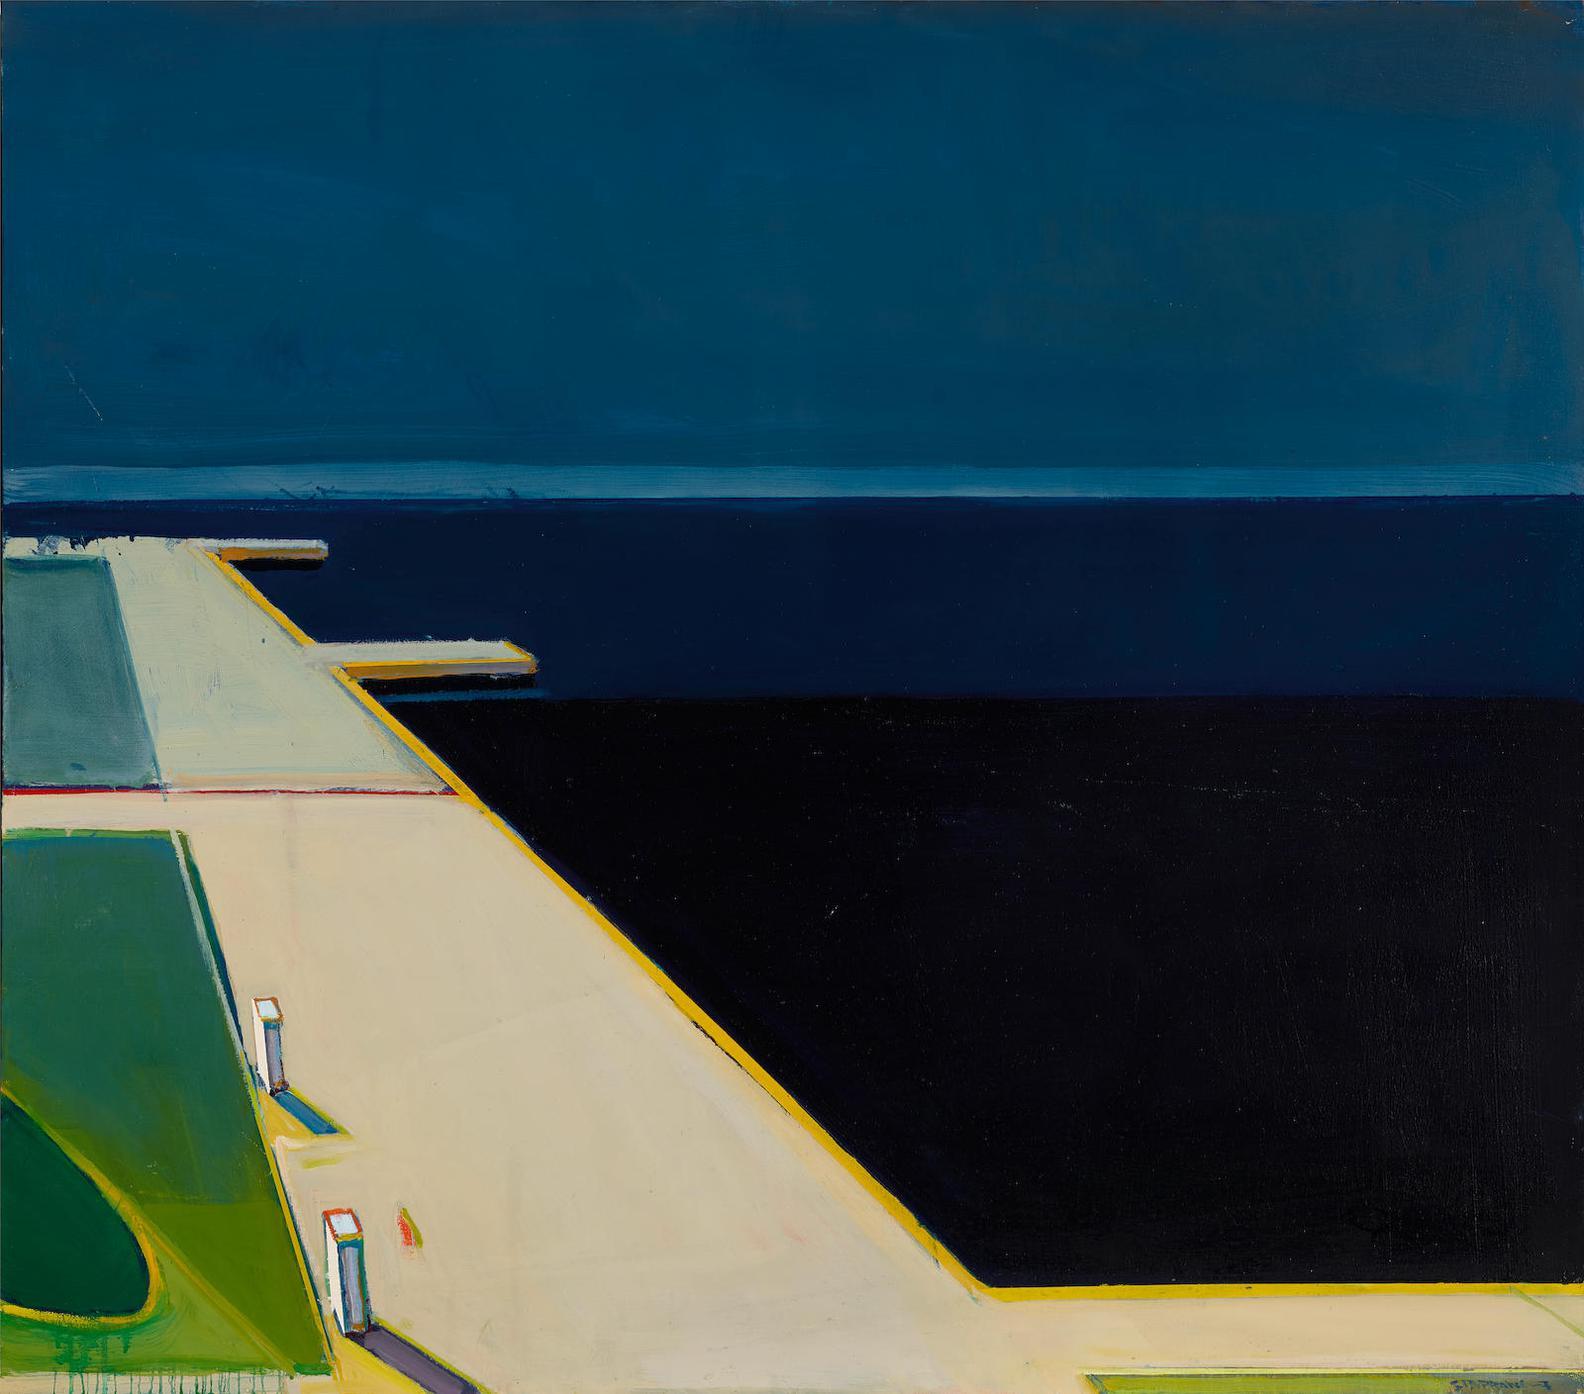 Raimonds Staprans-Seaside Docks-2007